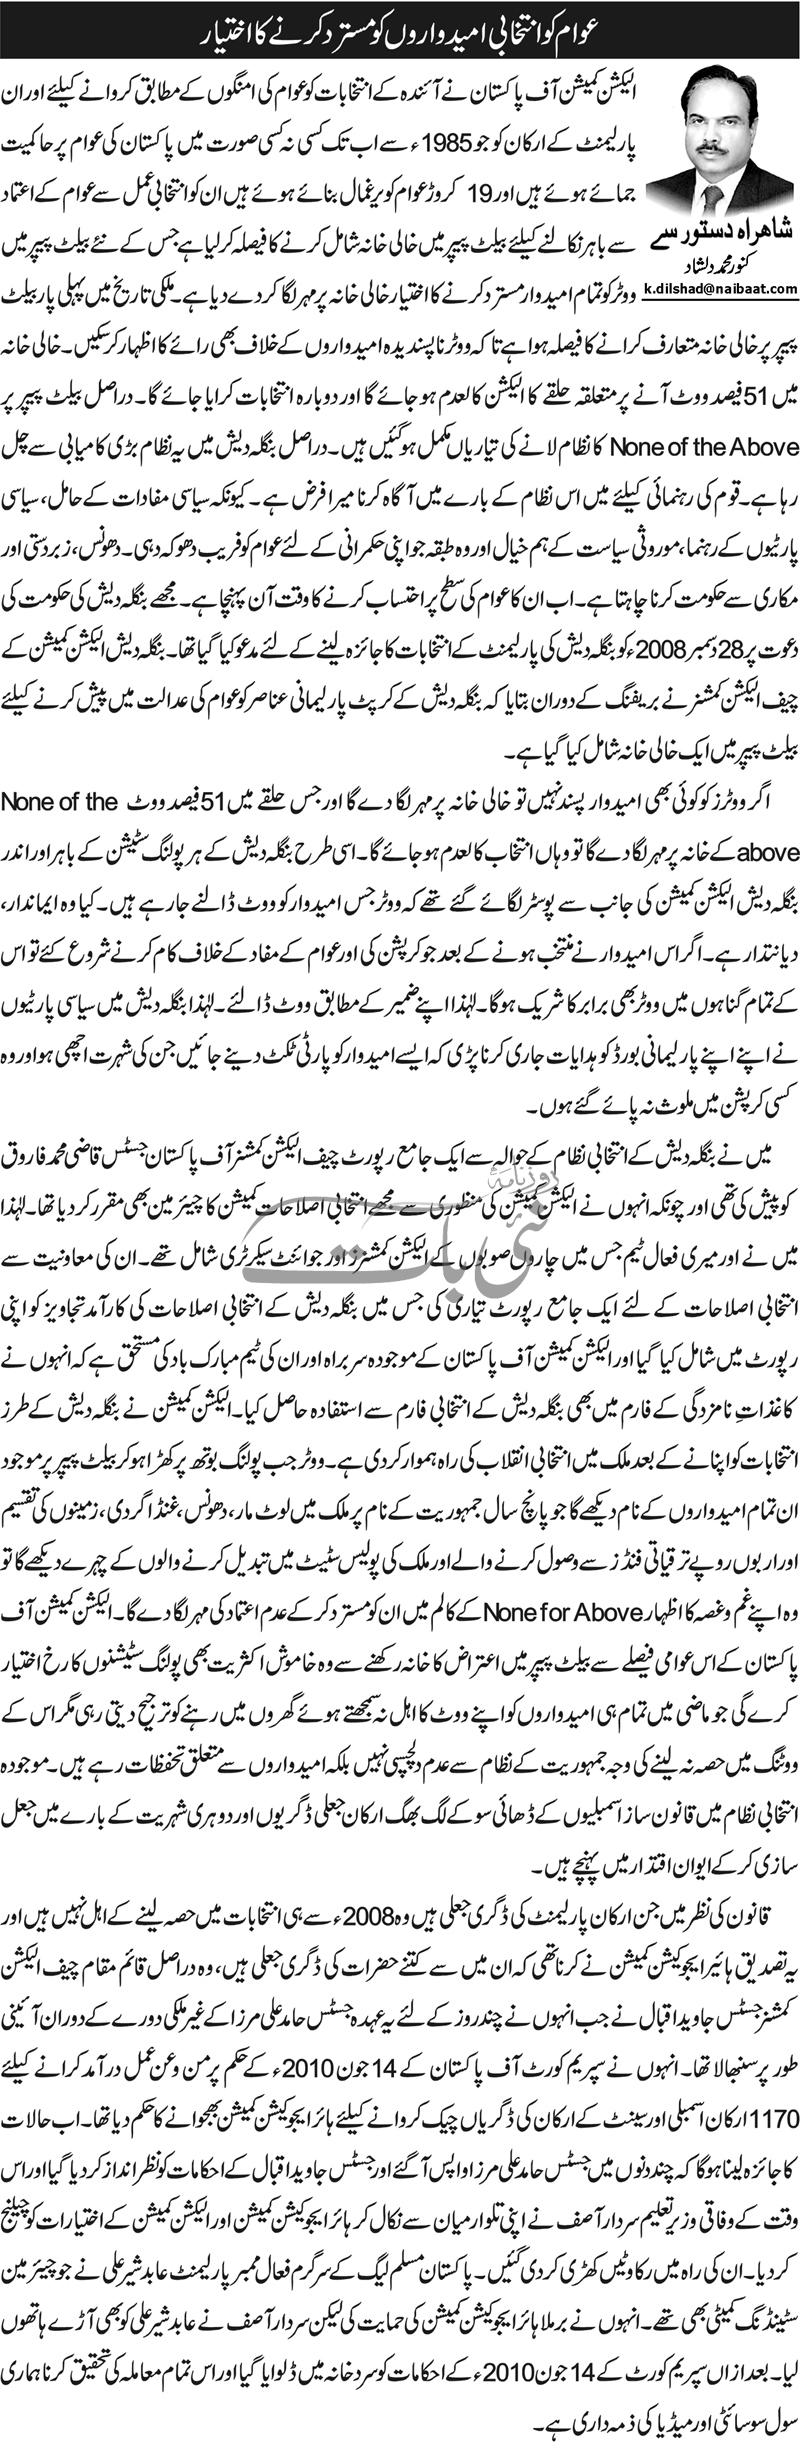 Print Media Coverage Daily Nai Baat - Kanwar Dilshad